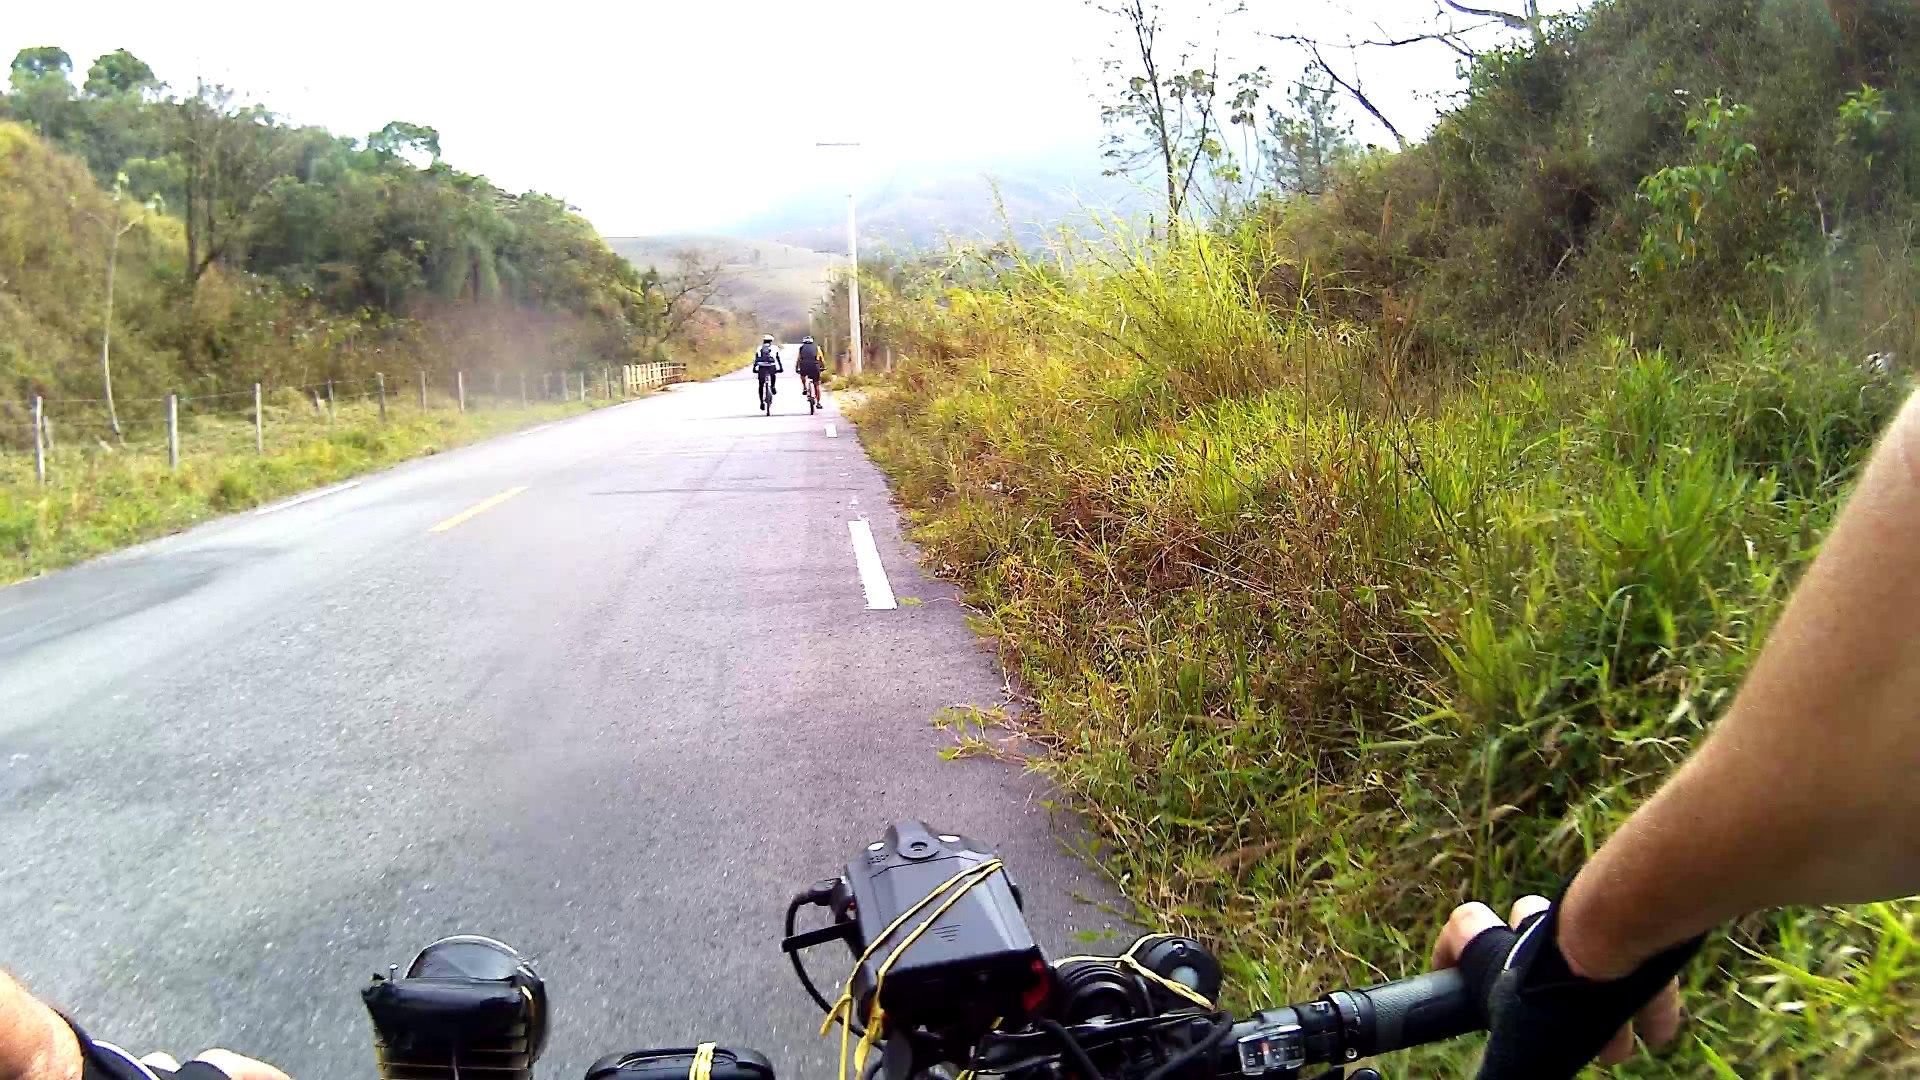 4k, Ultra HD, Mtb, trilhas, rurais, Estrada da Pedreira, 48 amigos, 69 km, pedalando, bike Soul SL 1